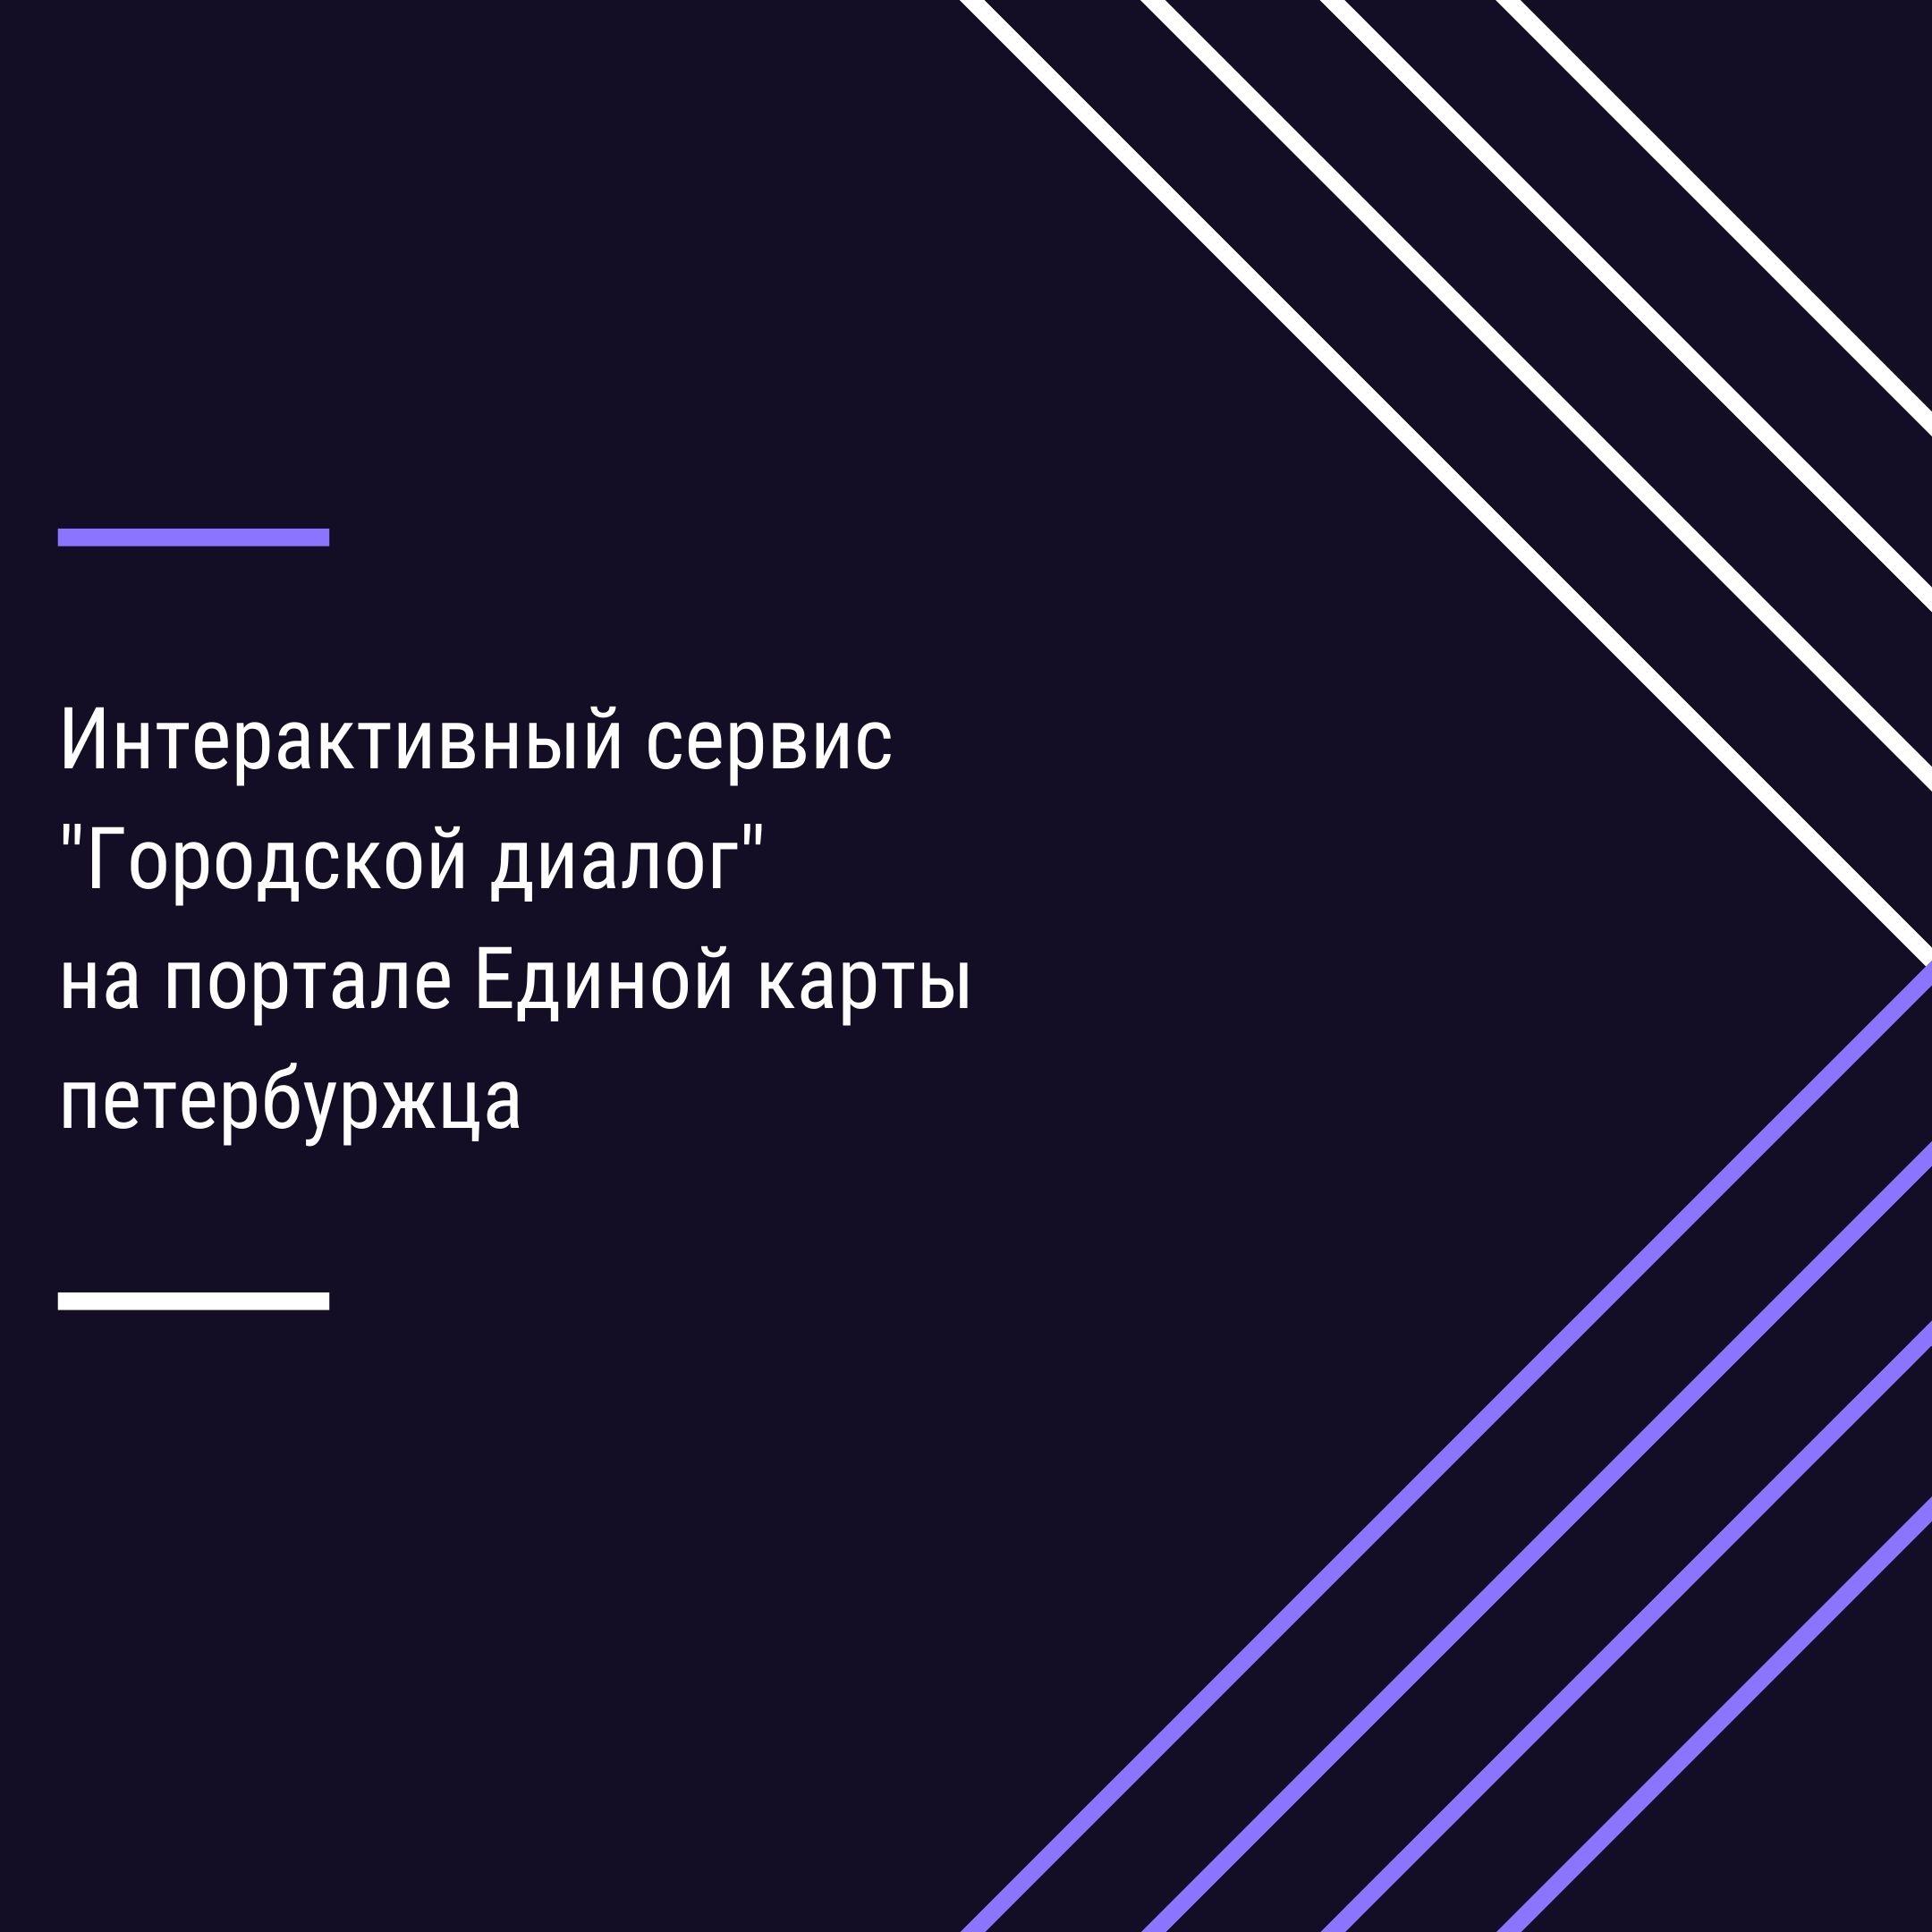 """Интерактивный сервис """"Городской диалог"""" на портале Единой карты петербуржца"""